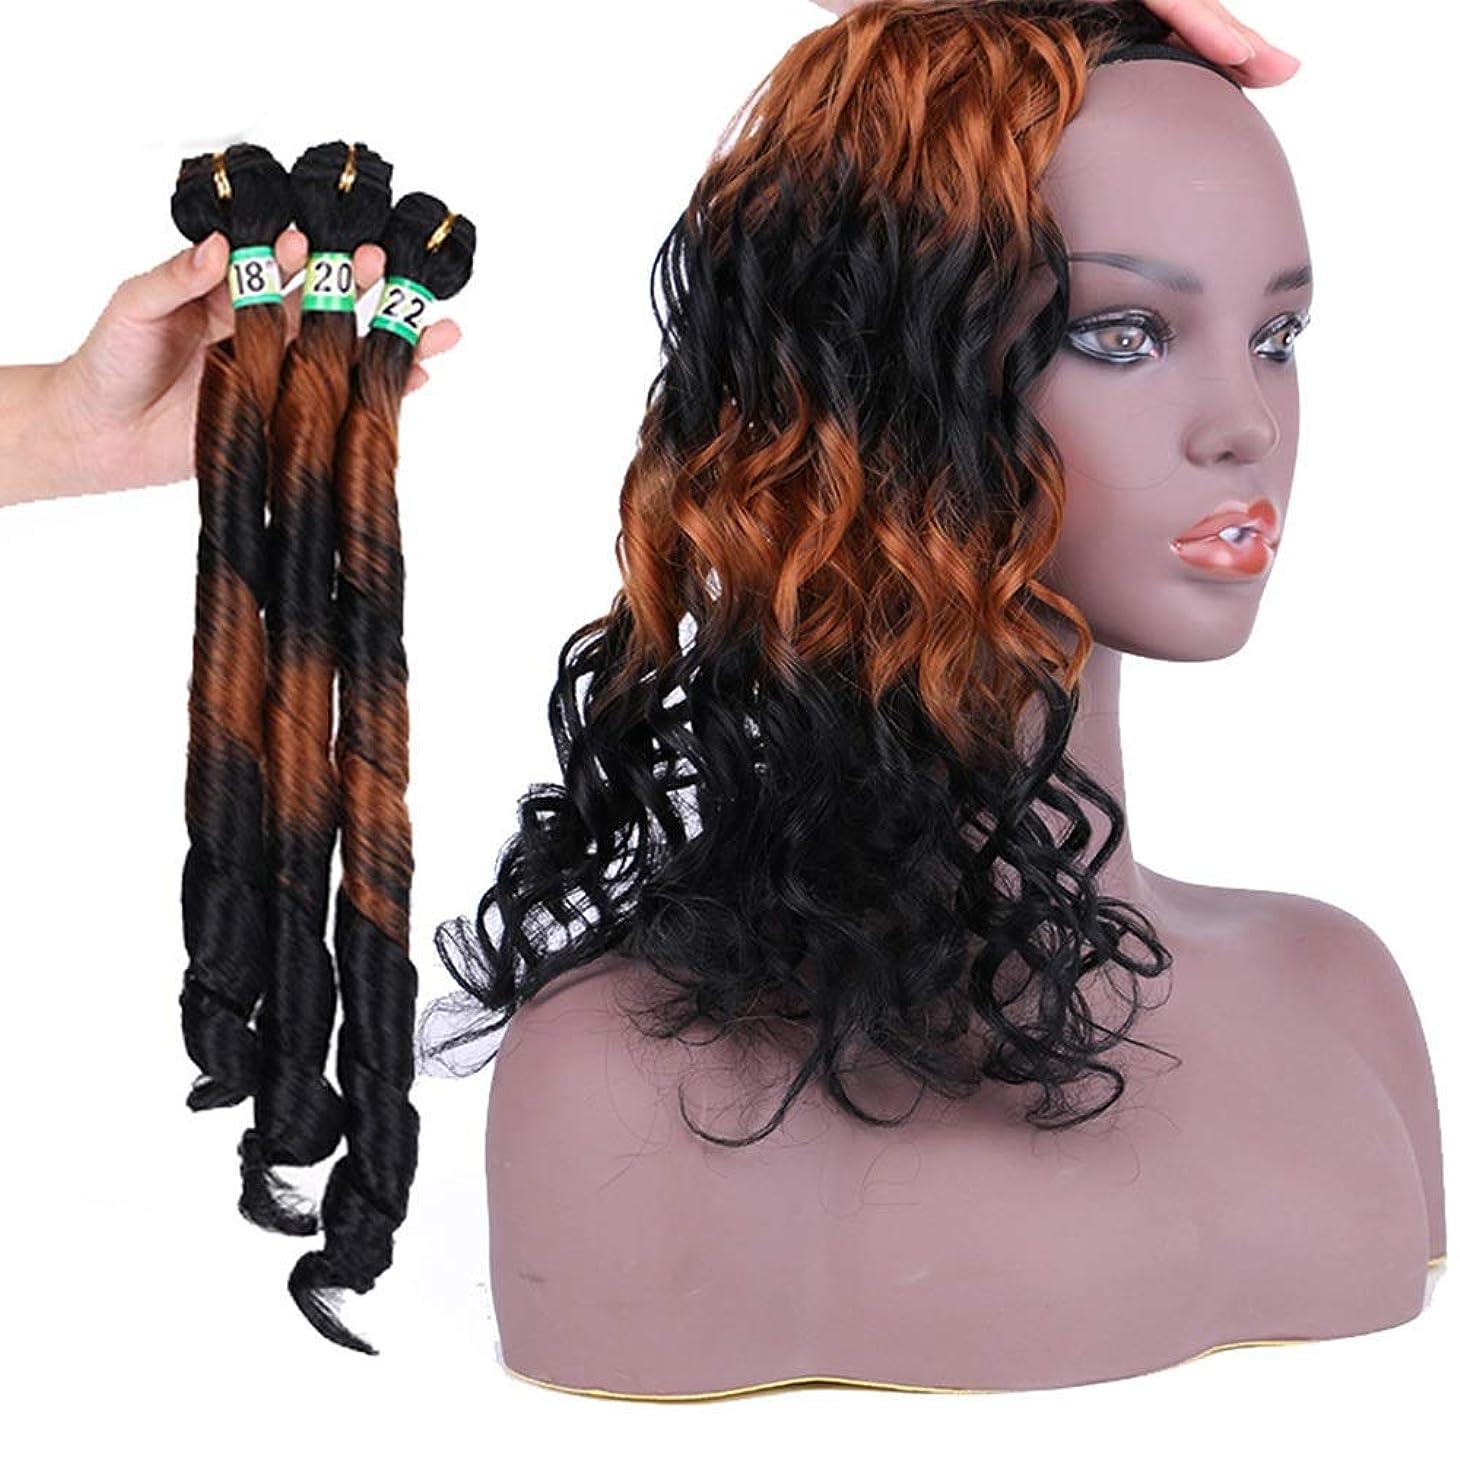 アラブサラボ打ち負かす合法Yrattary 3バンドル人工毛ブラジル春巻き毛の織り方拡張 - TT1 / 30#茶色がかった黄色の合成髪レースかつらロールプレイングかつら長くて短い女性自然 (色 : Brownish yellow, サイズ : 16